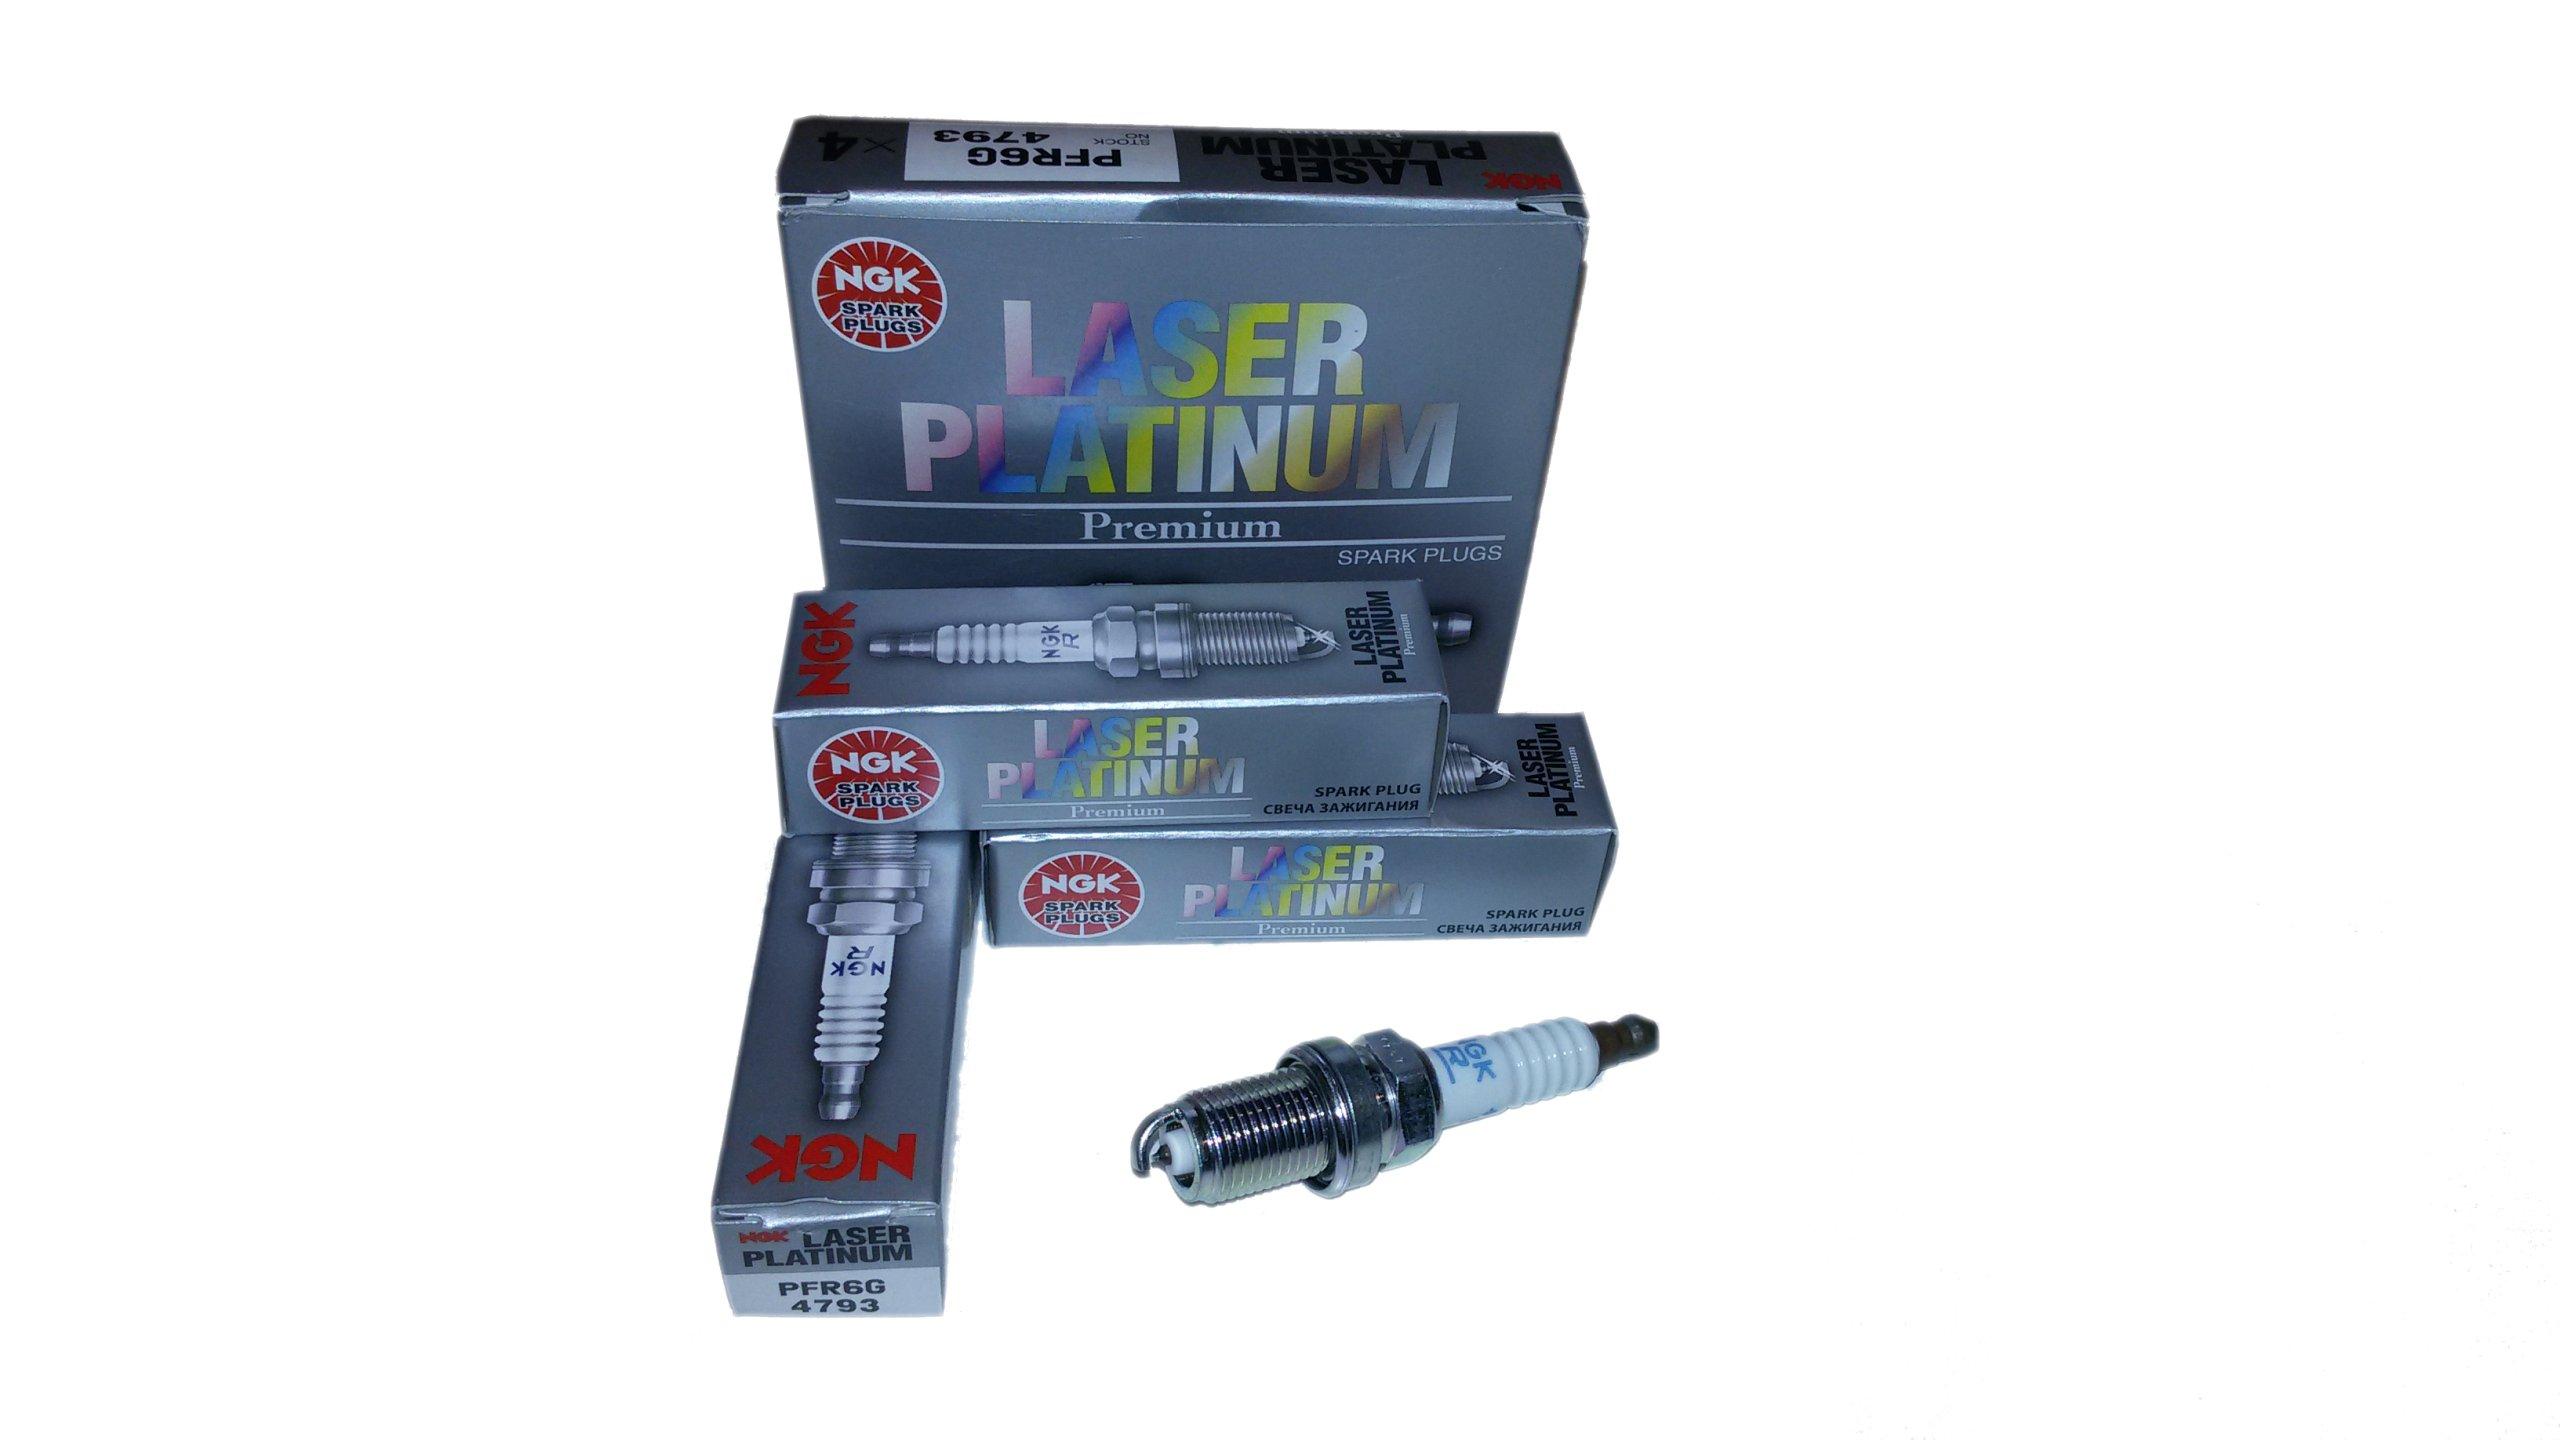 Pack of 1 4793 NGK PFR6G Laser Platinum Spark Plug